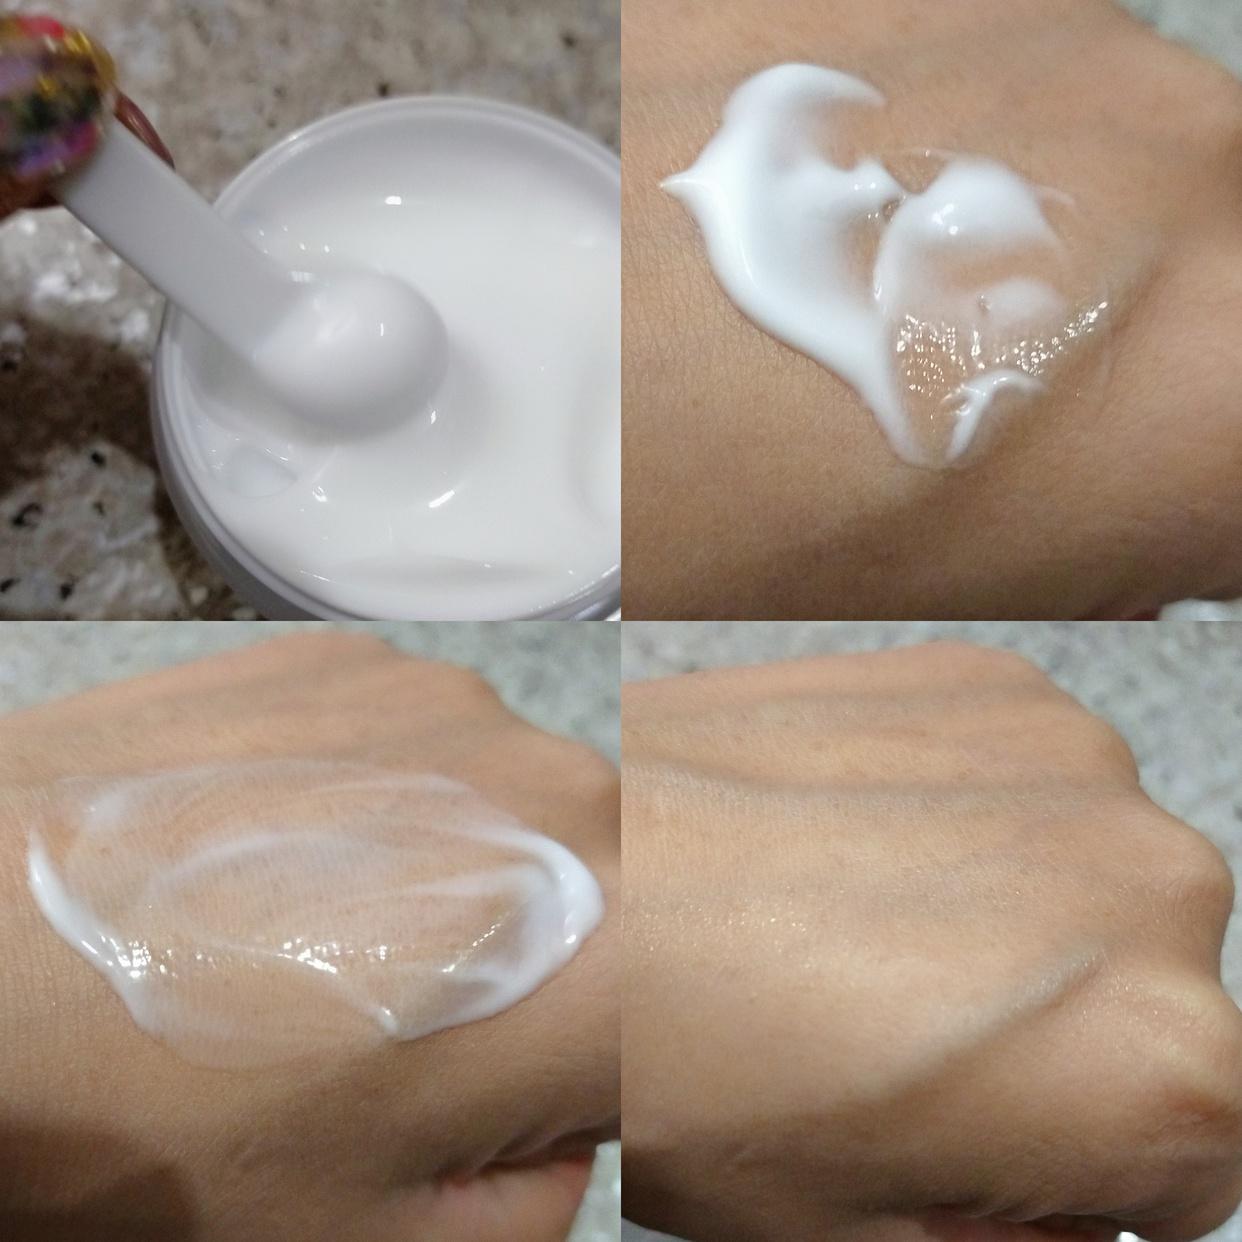 太陽のアロエ社(タイヨウノアロエシャ) ヒアロ ビューティー モイスト リペア クリームを使ったみこさんのクチコミ画像3